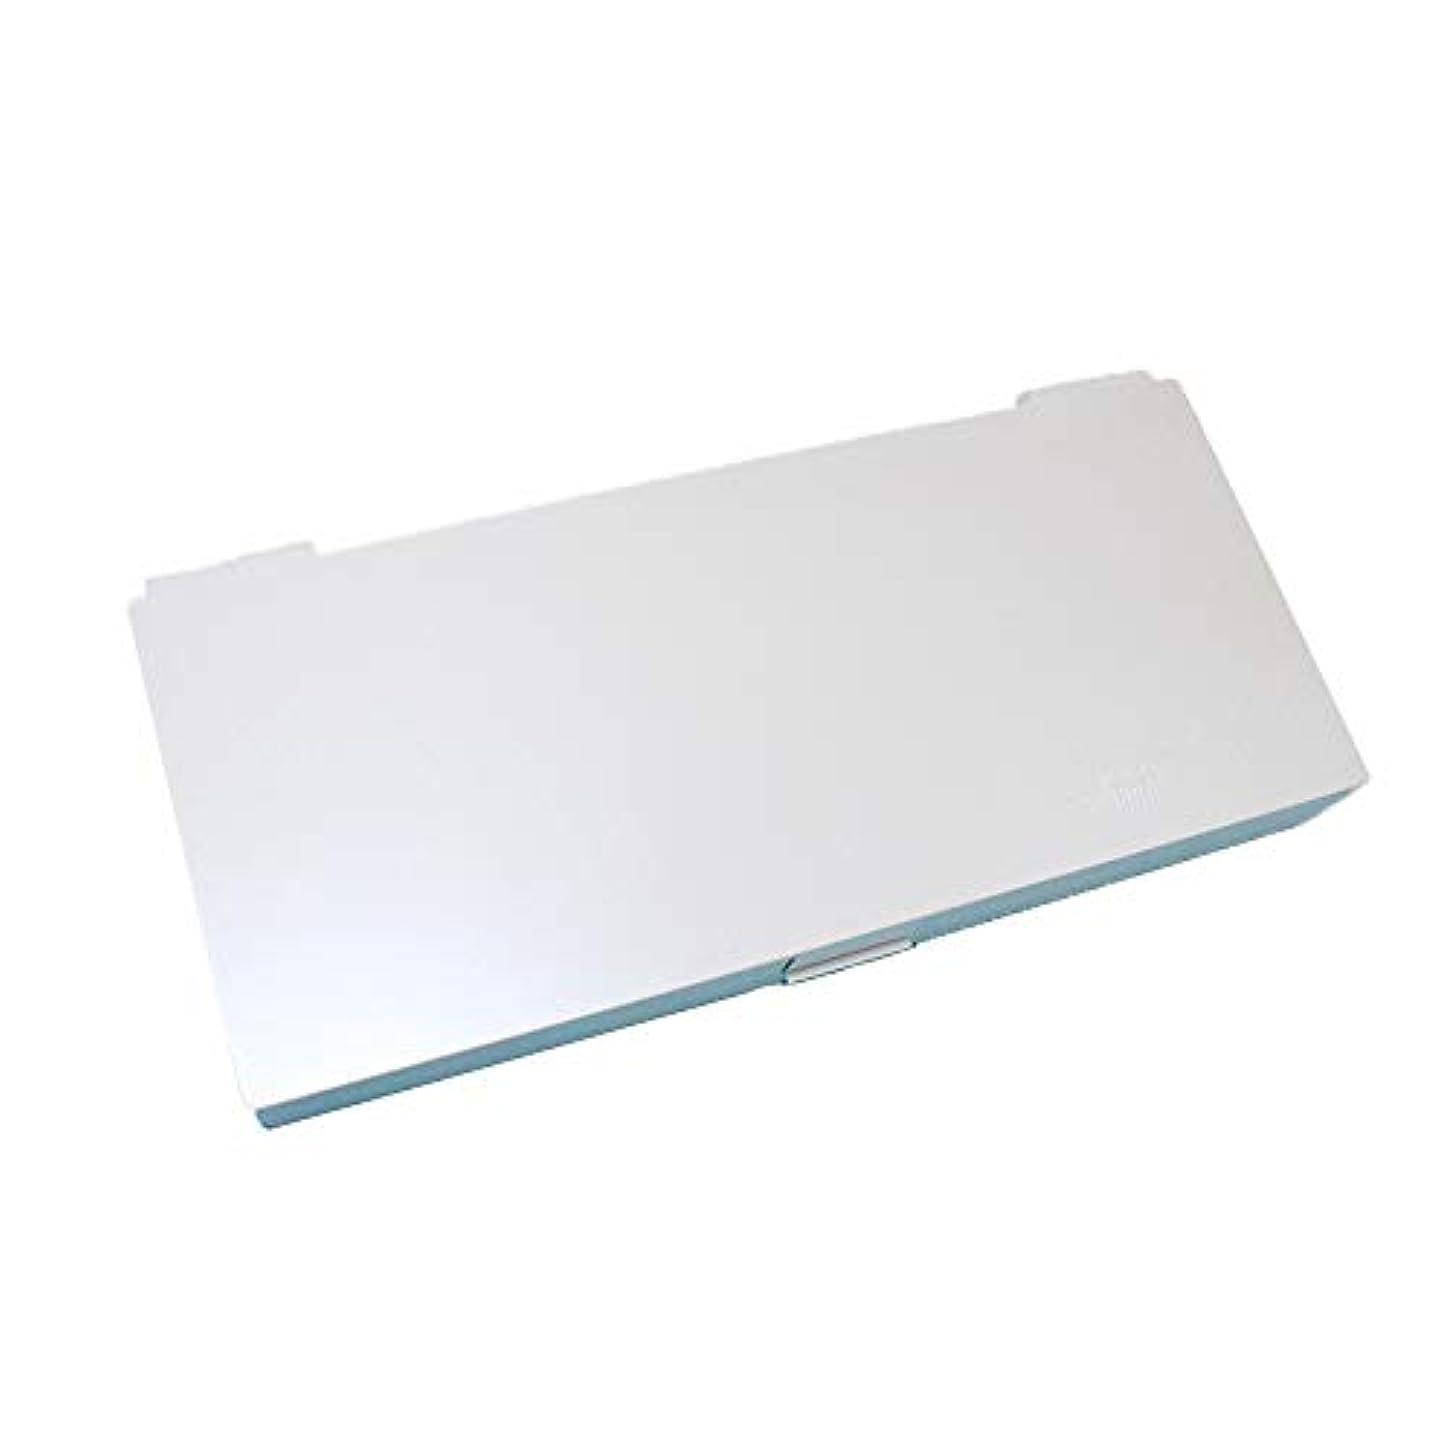 正午悩む世界に死んだスタイリングシステムボックス (ホワイト) ノンスリップ ヘアピン ケース コスメボックス メイクボックス メークボックス メイクケース メークケース